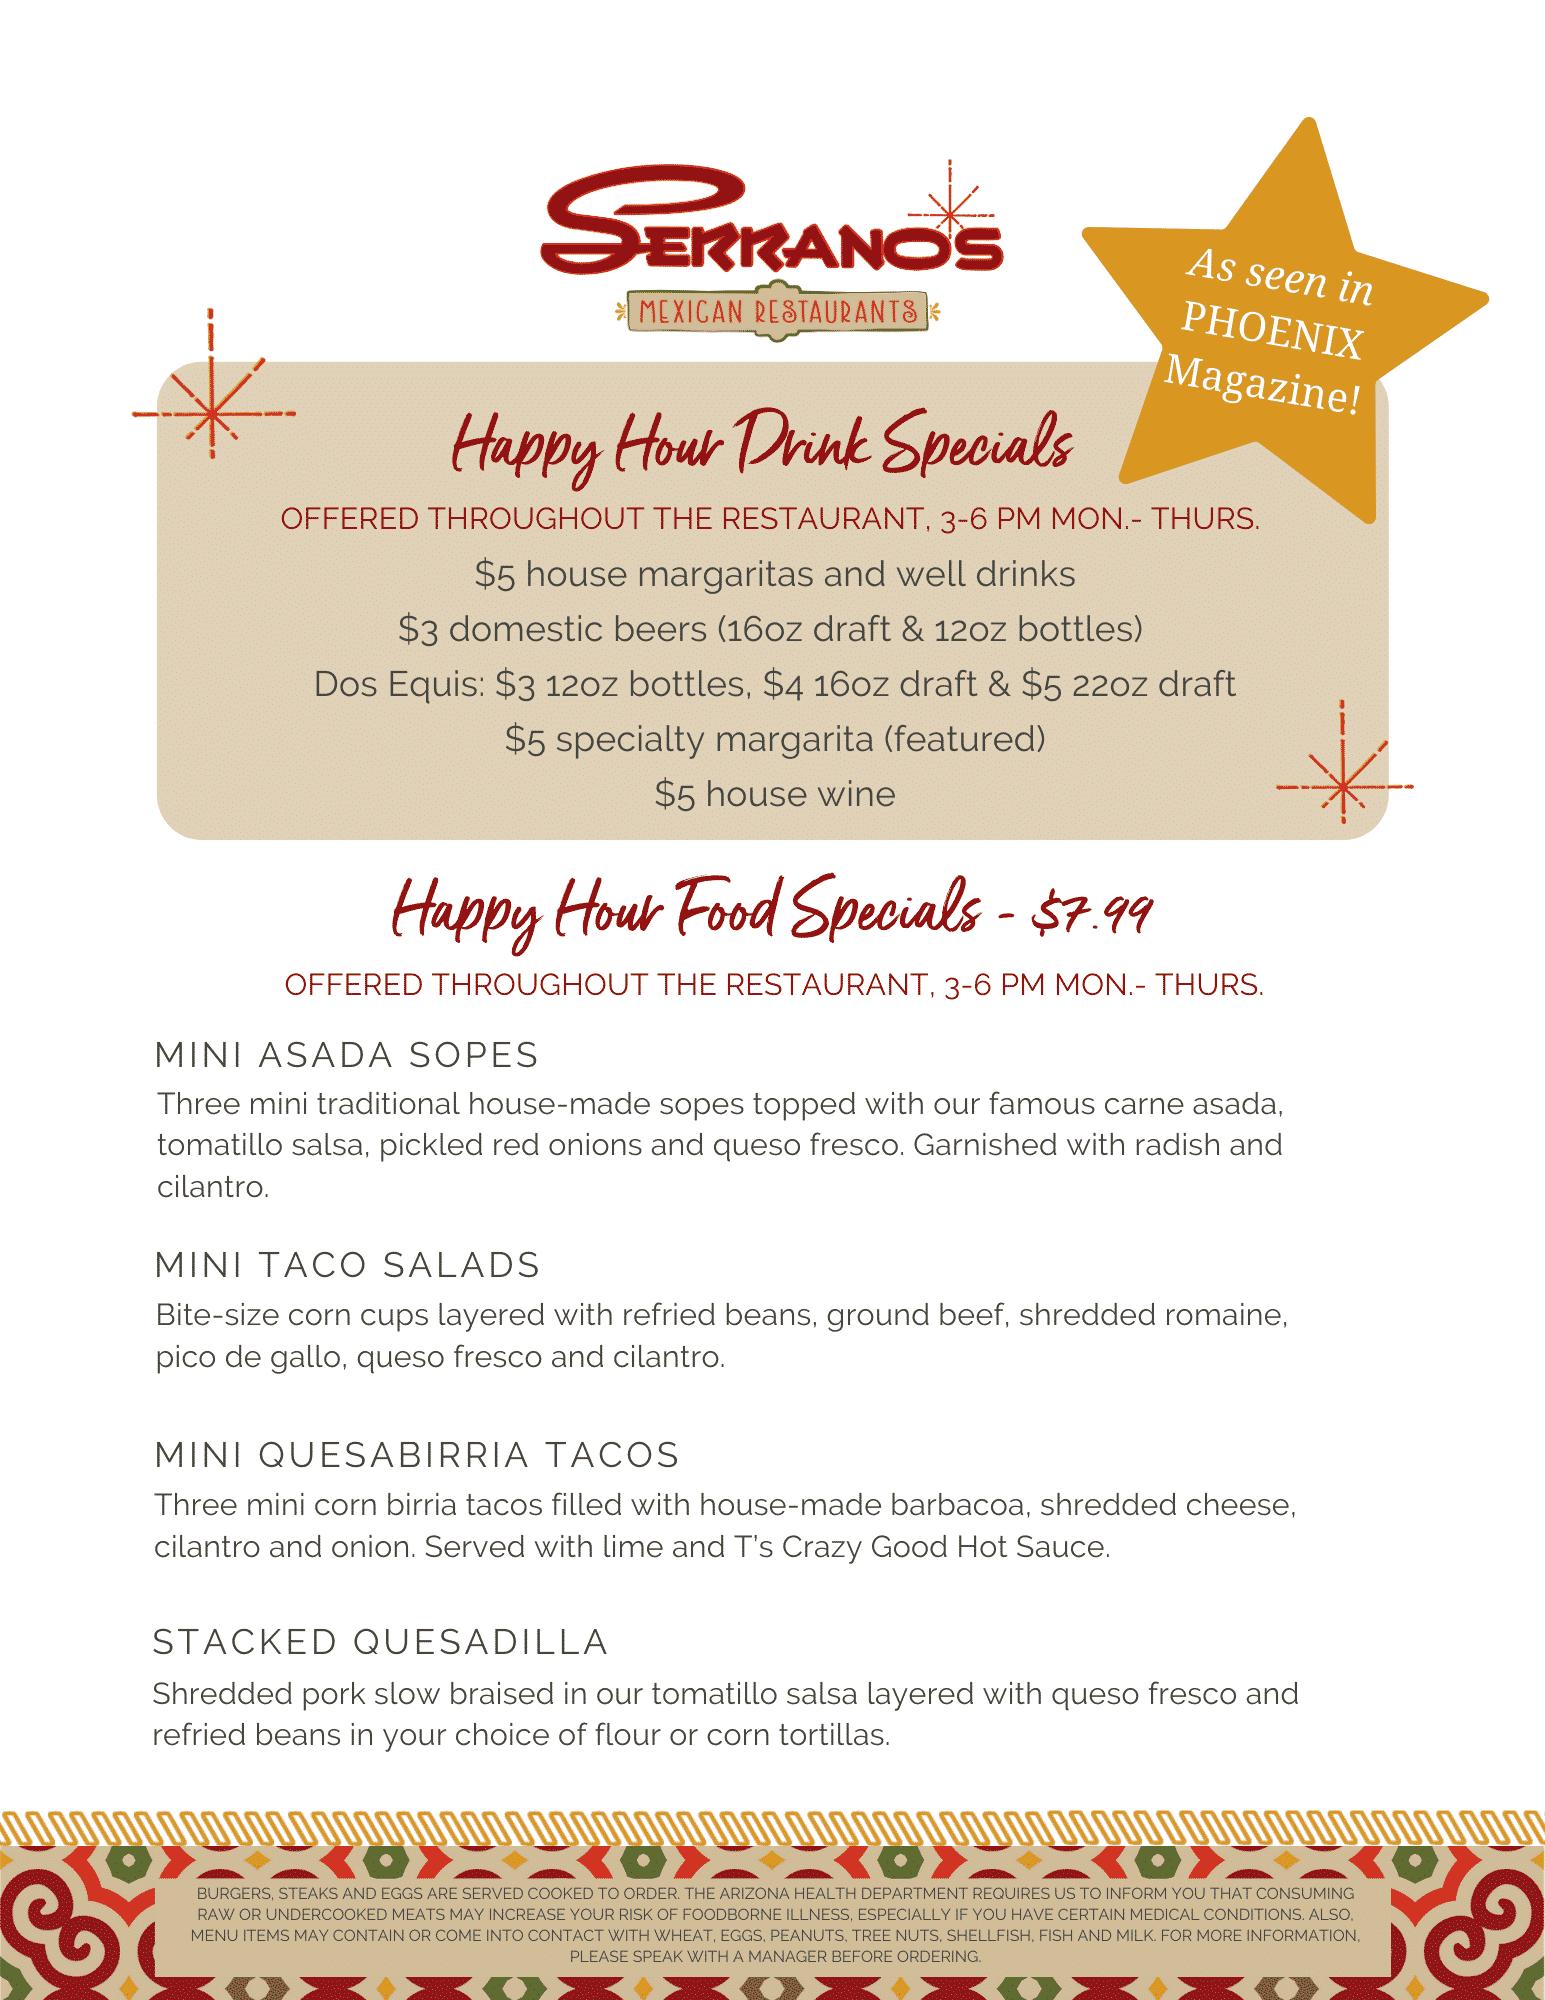 Serranos_happy hour menu 2020_updated 4-23-2021